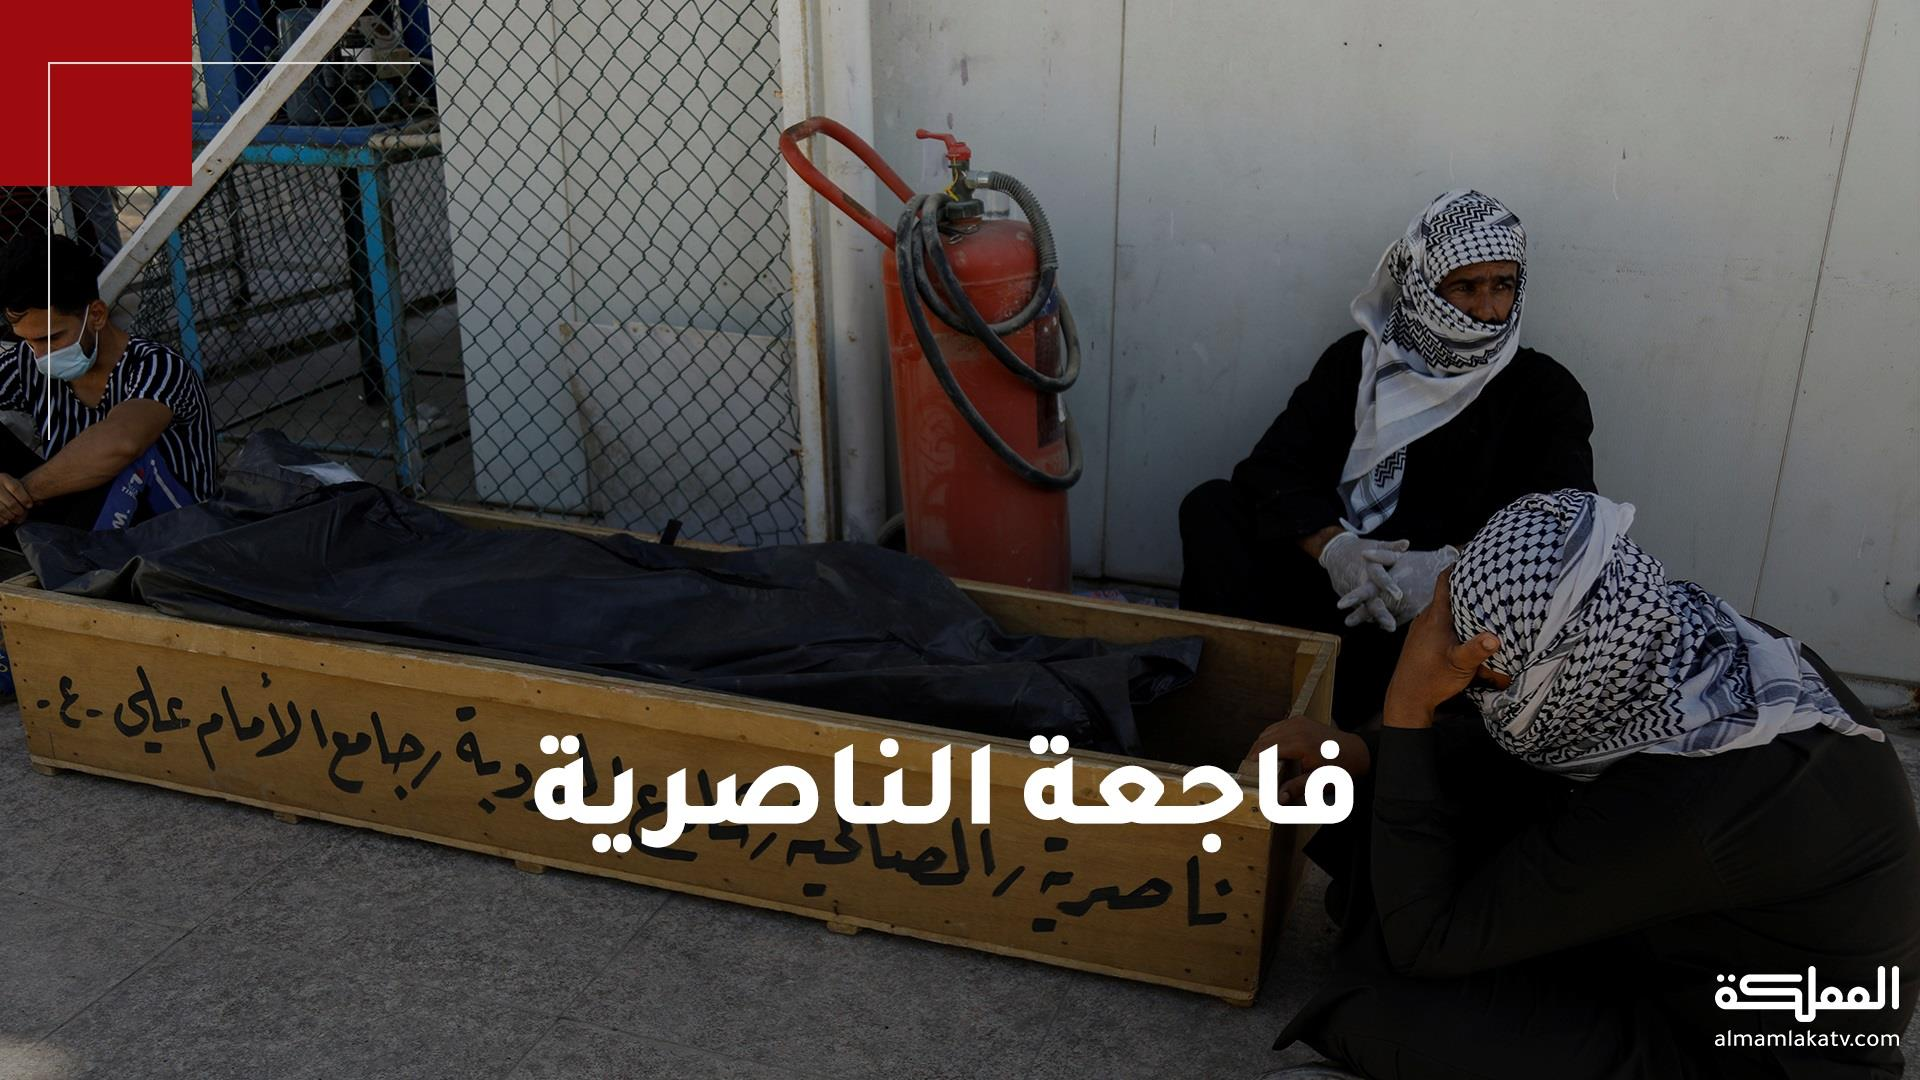 فاجعة جديدة لمرضى كورونا في العراق.. أكثر من 70 قتيلا في ثاني حادثة انفجار أسطوانة غاز خلال 3 أشهر